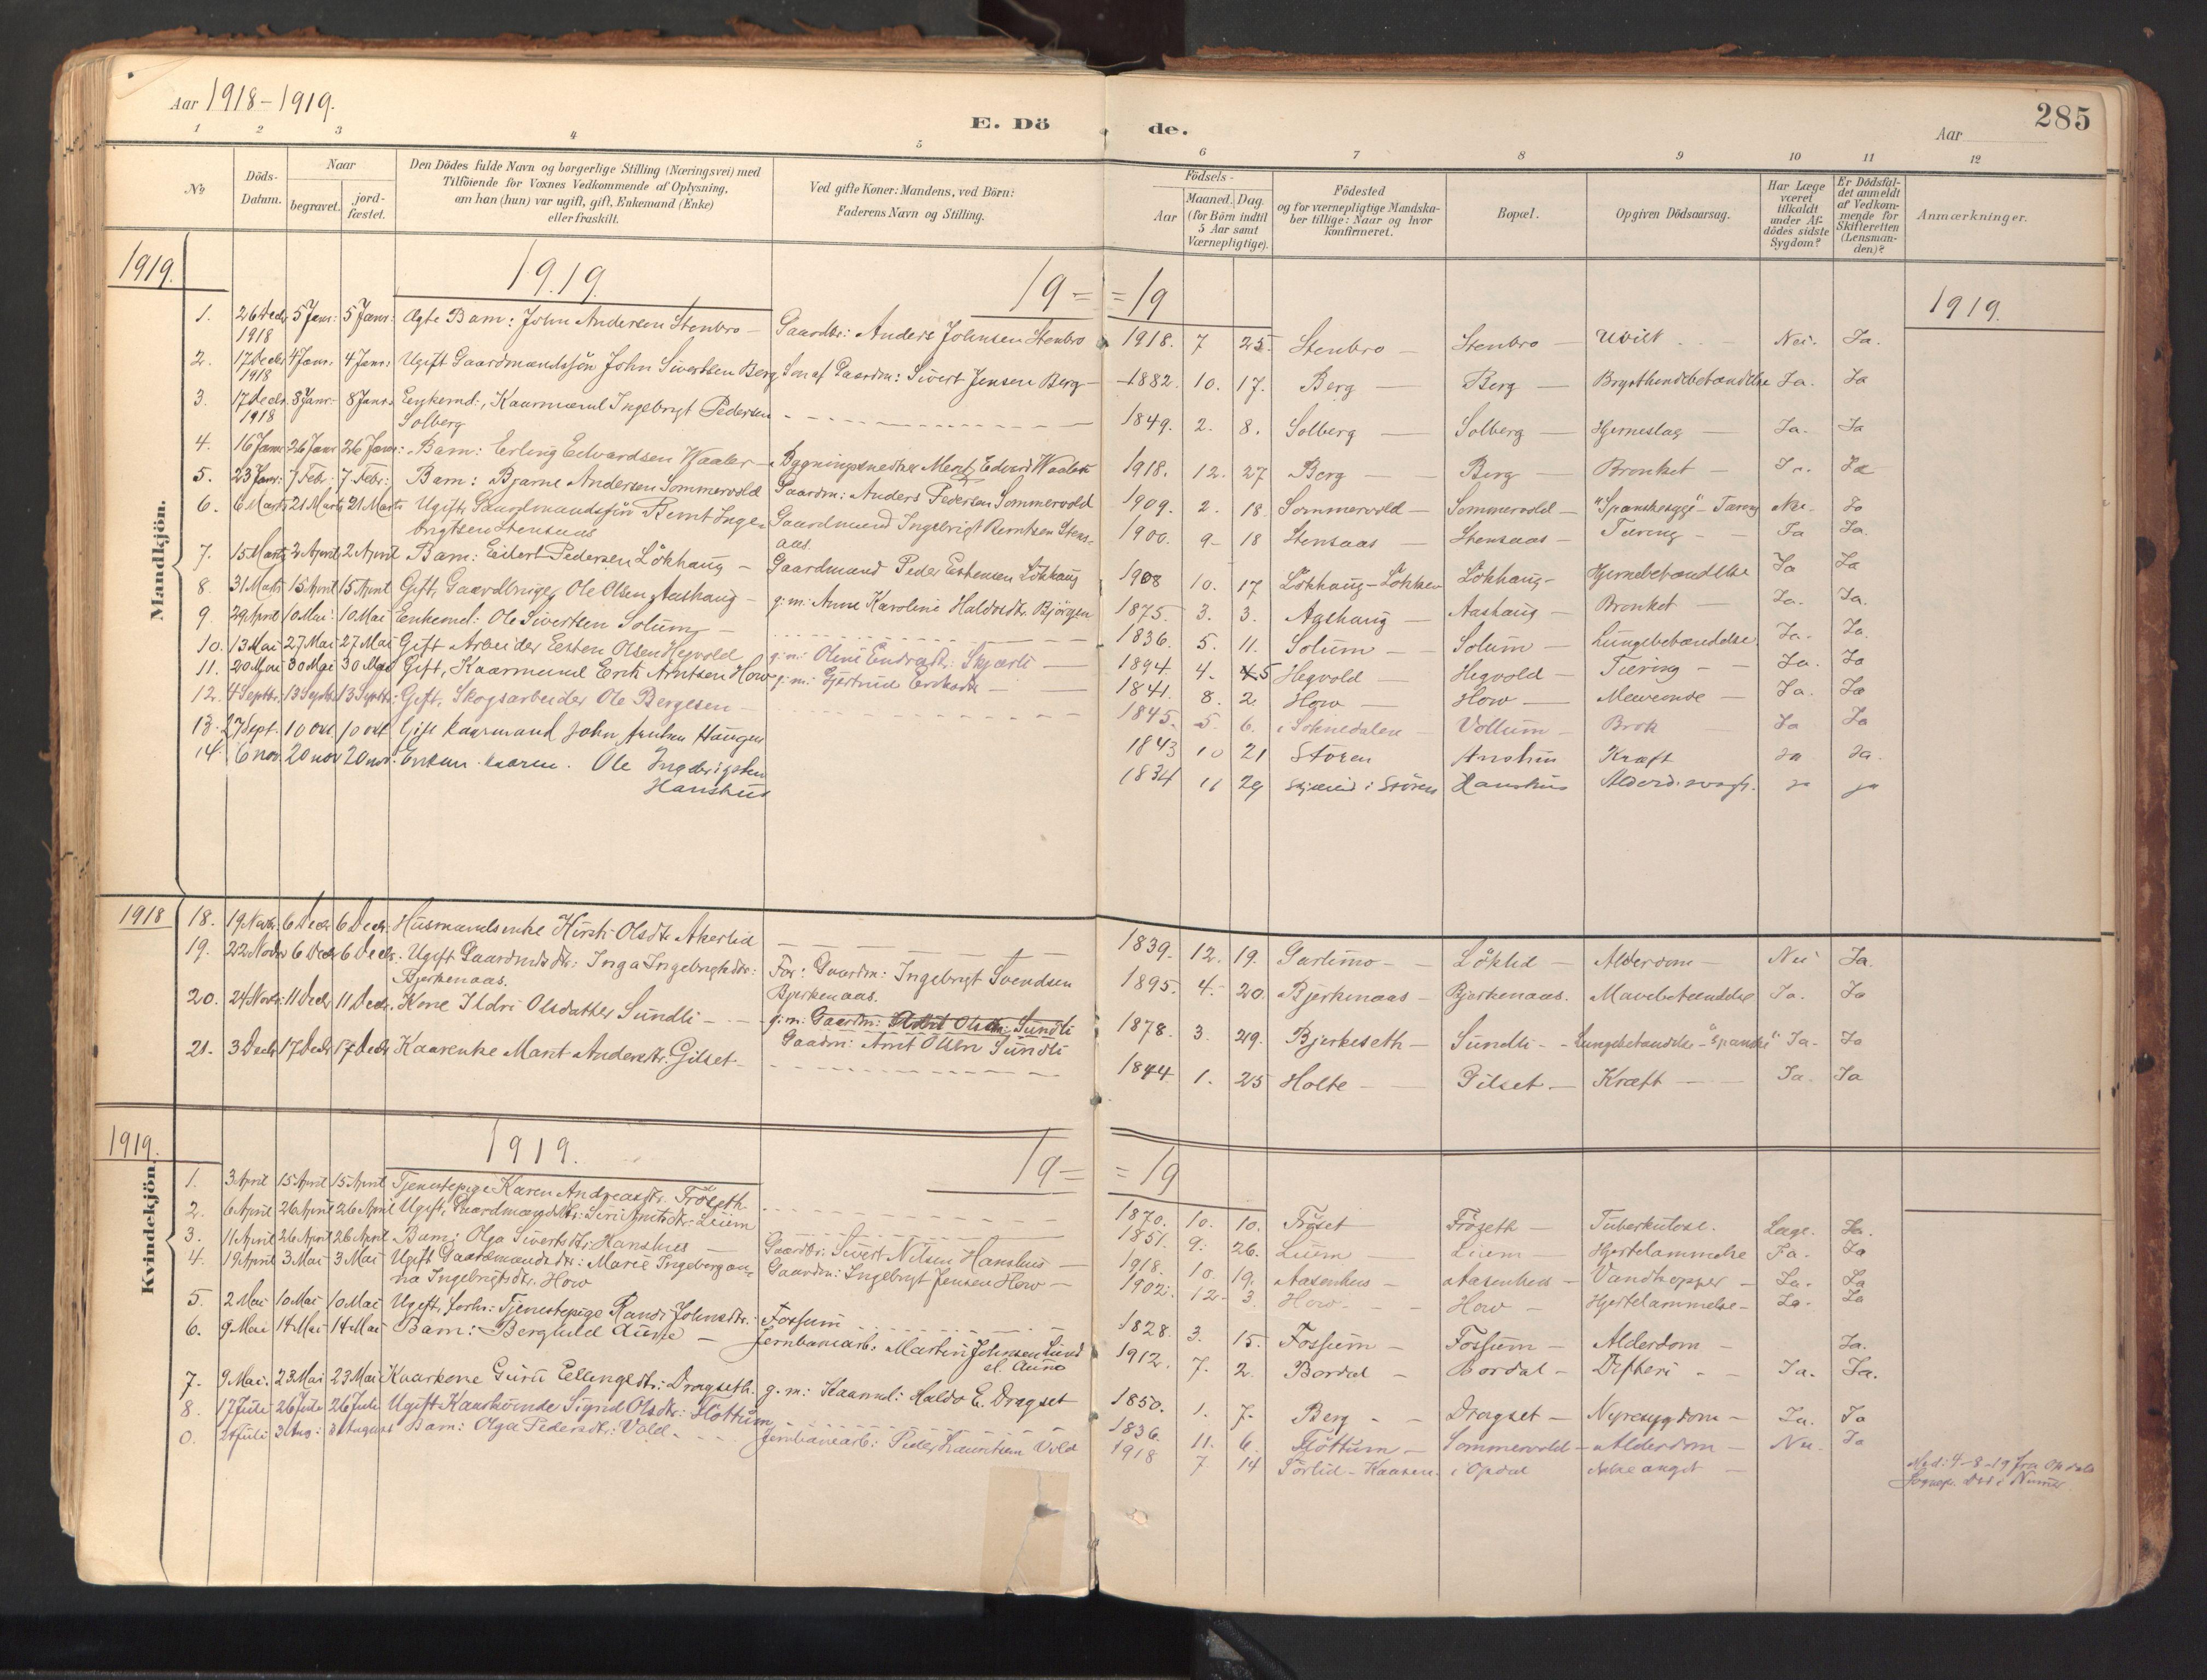 SAT, Ministerialprotokoller, klokkerbøker og fødselsregistre - Sør-Trøndelag, 689/L1041: Ministerialbok nr. 689A06, 1891-1923, s. 285